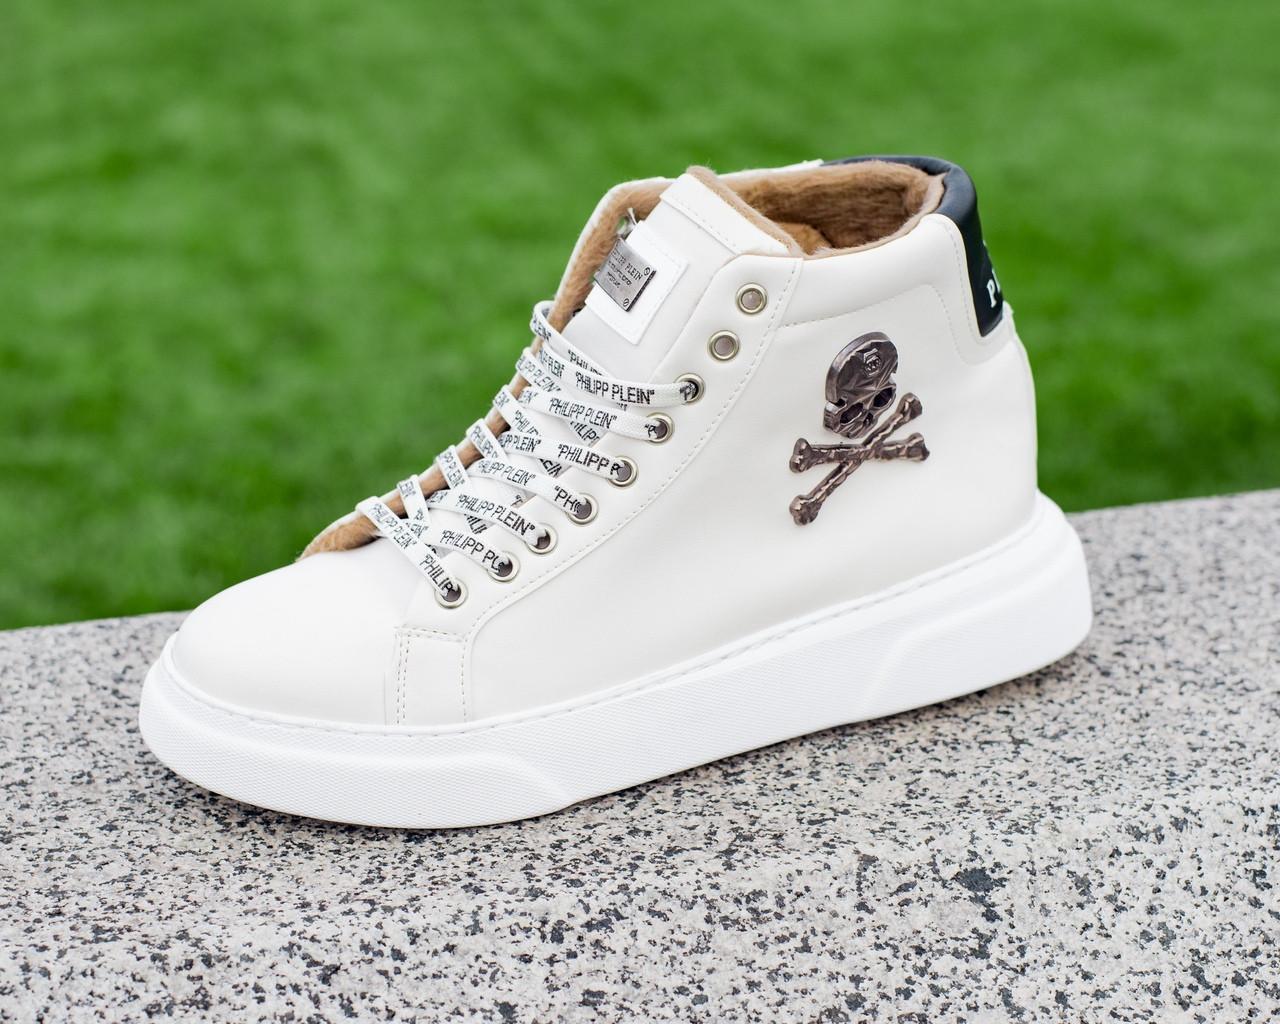 Мужские зимние кроссовки Philipp Plein ботинки филипп плейн, чоловічі зимові кросівки Philipp Plein ботінки